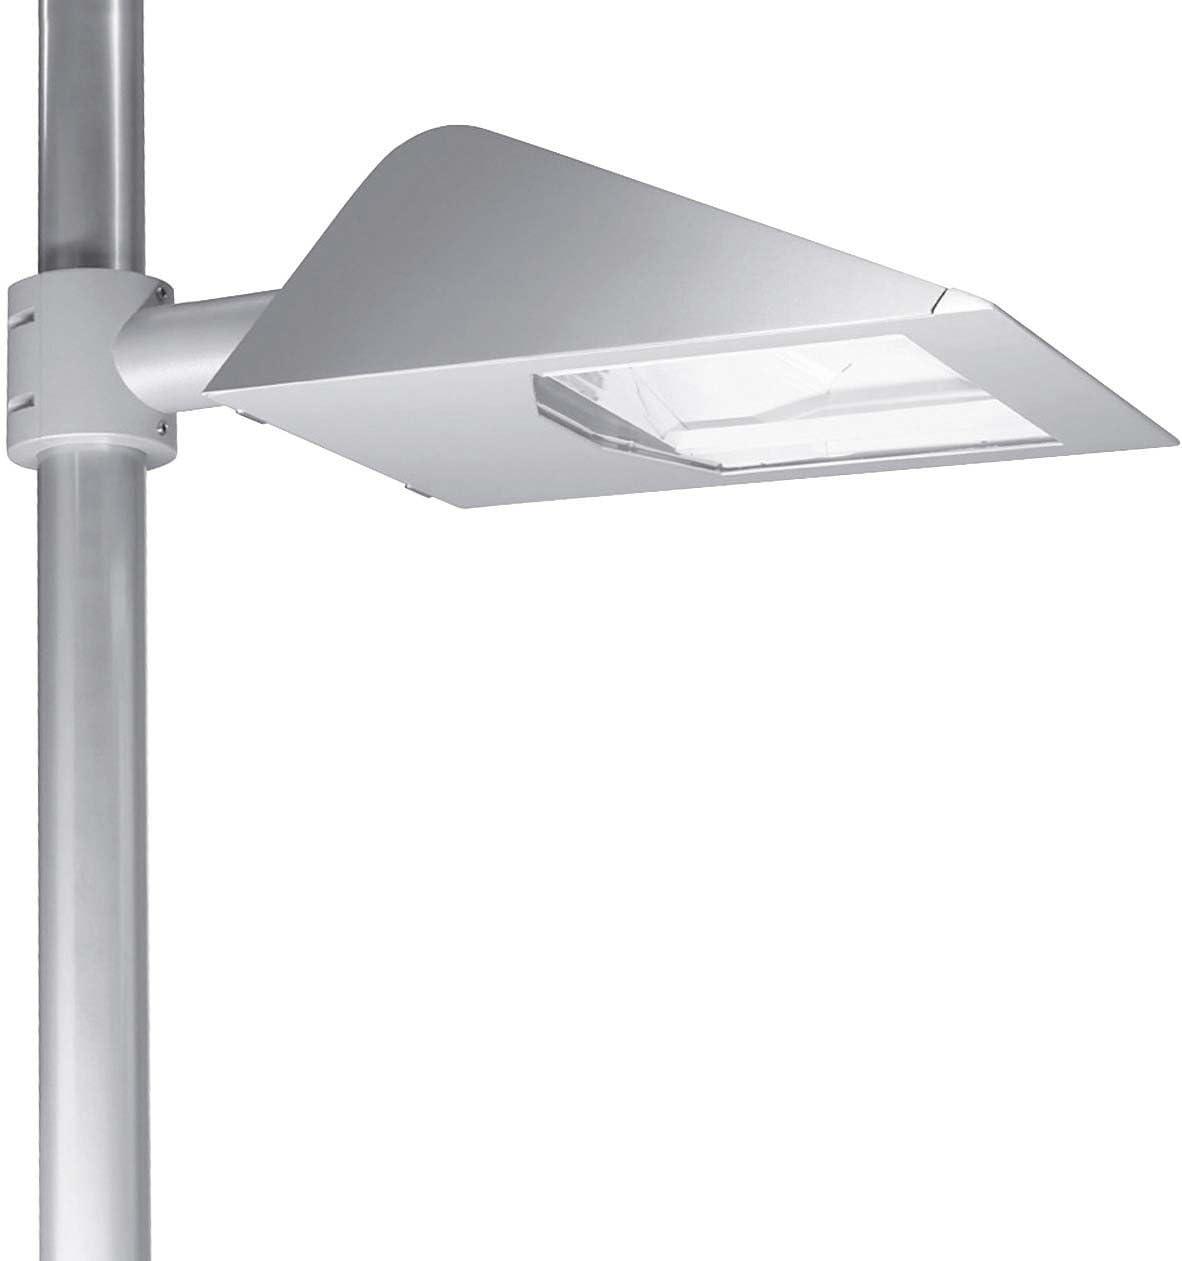 Philips PLS faro luz DGP333# 38572600 CDM-T150W/830 ICORSI Mini 300 Stealth foco/faro 8690653385726: Amazon.es: Electrónica